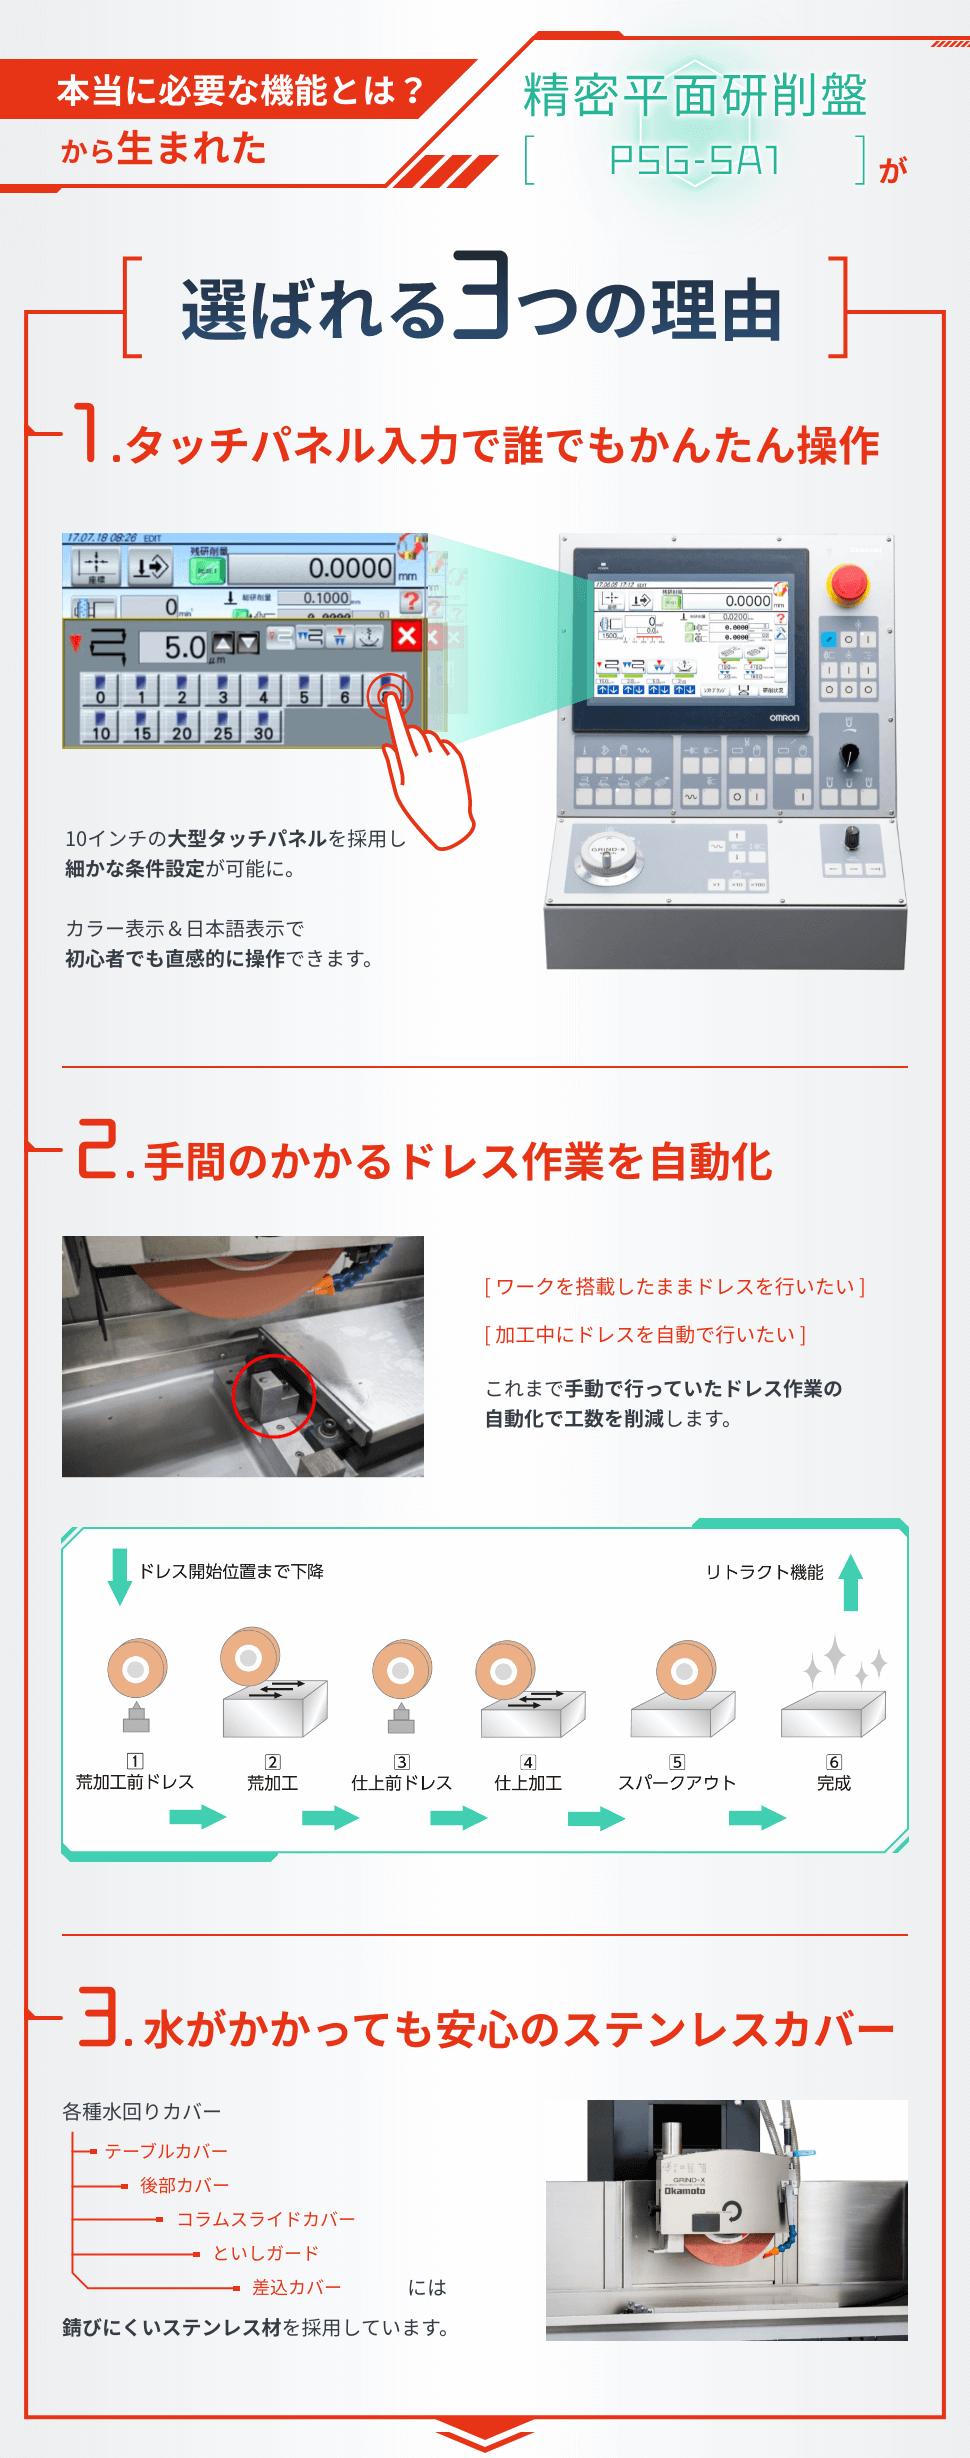 本当に必要な機能とは?から生まれた 精密平面研削盤「PSG-SA1」が選ばれる3つの理由 タッチパネル入力で誰でもかんたん操作 手間のかかるドレス作業を自動化 水がかかっても安心のステンレスカバー